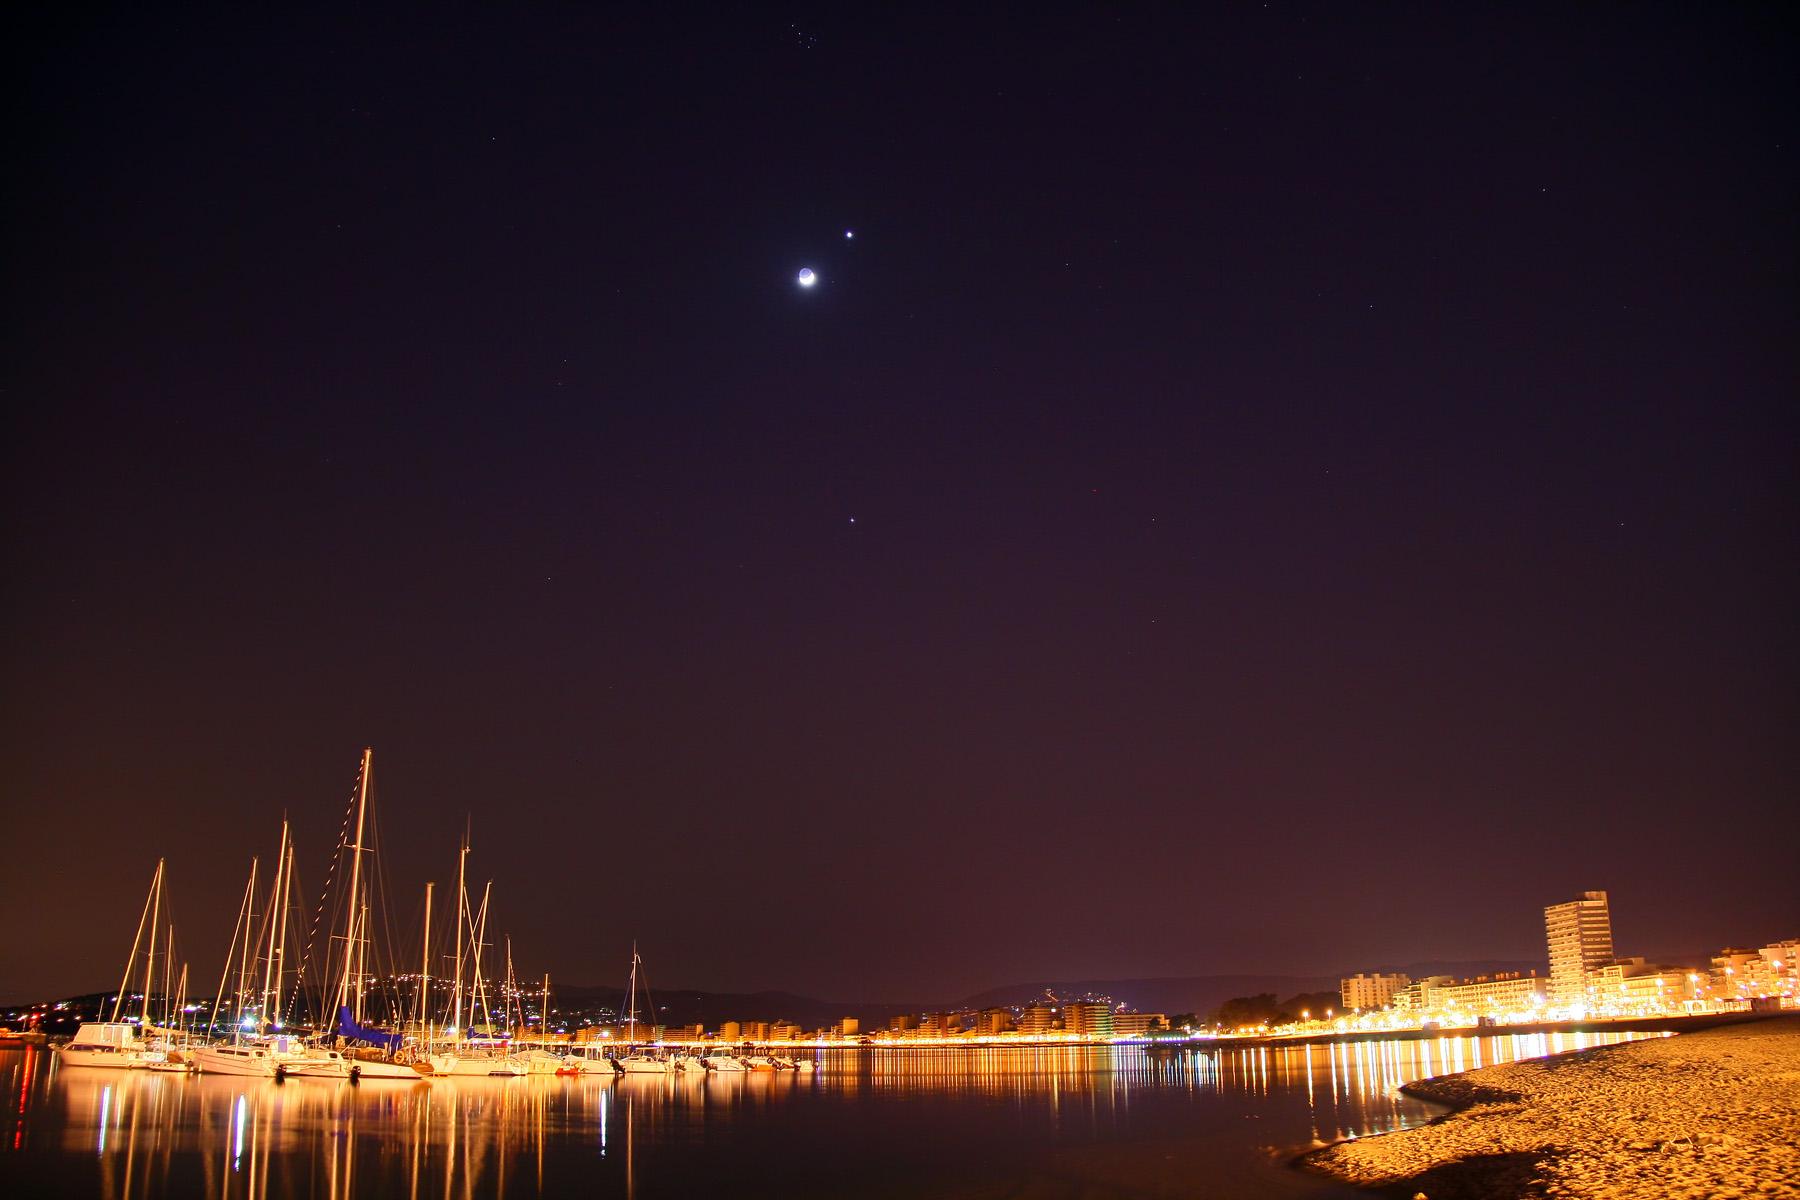 Venus i júpiter junt la lluna a Palamós